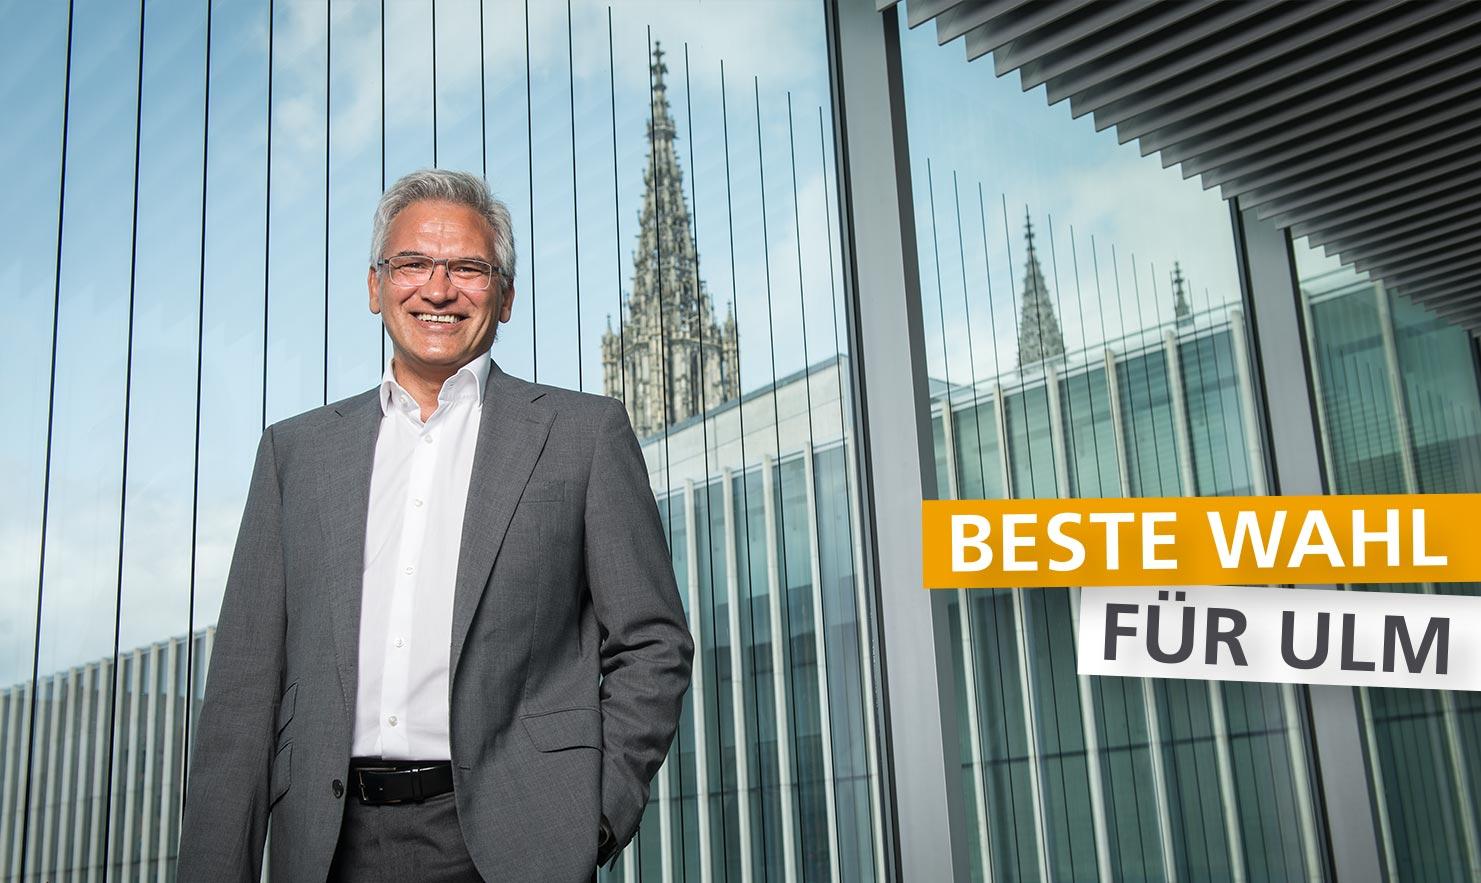 Aksis Werbeagentur und Internetagentur - Blogeintrag Cross-Media Kampagne Wahlkampf unter zisch - Beste Wahl für Ulm